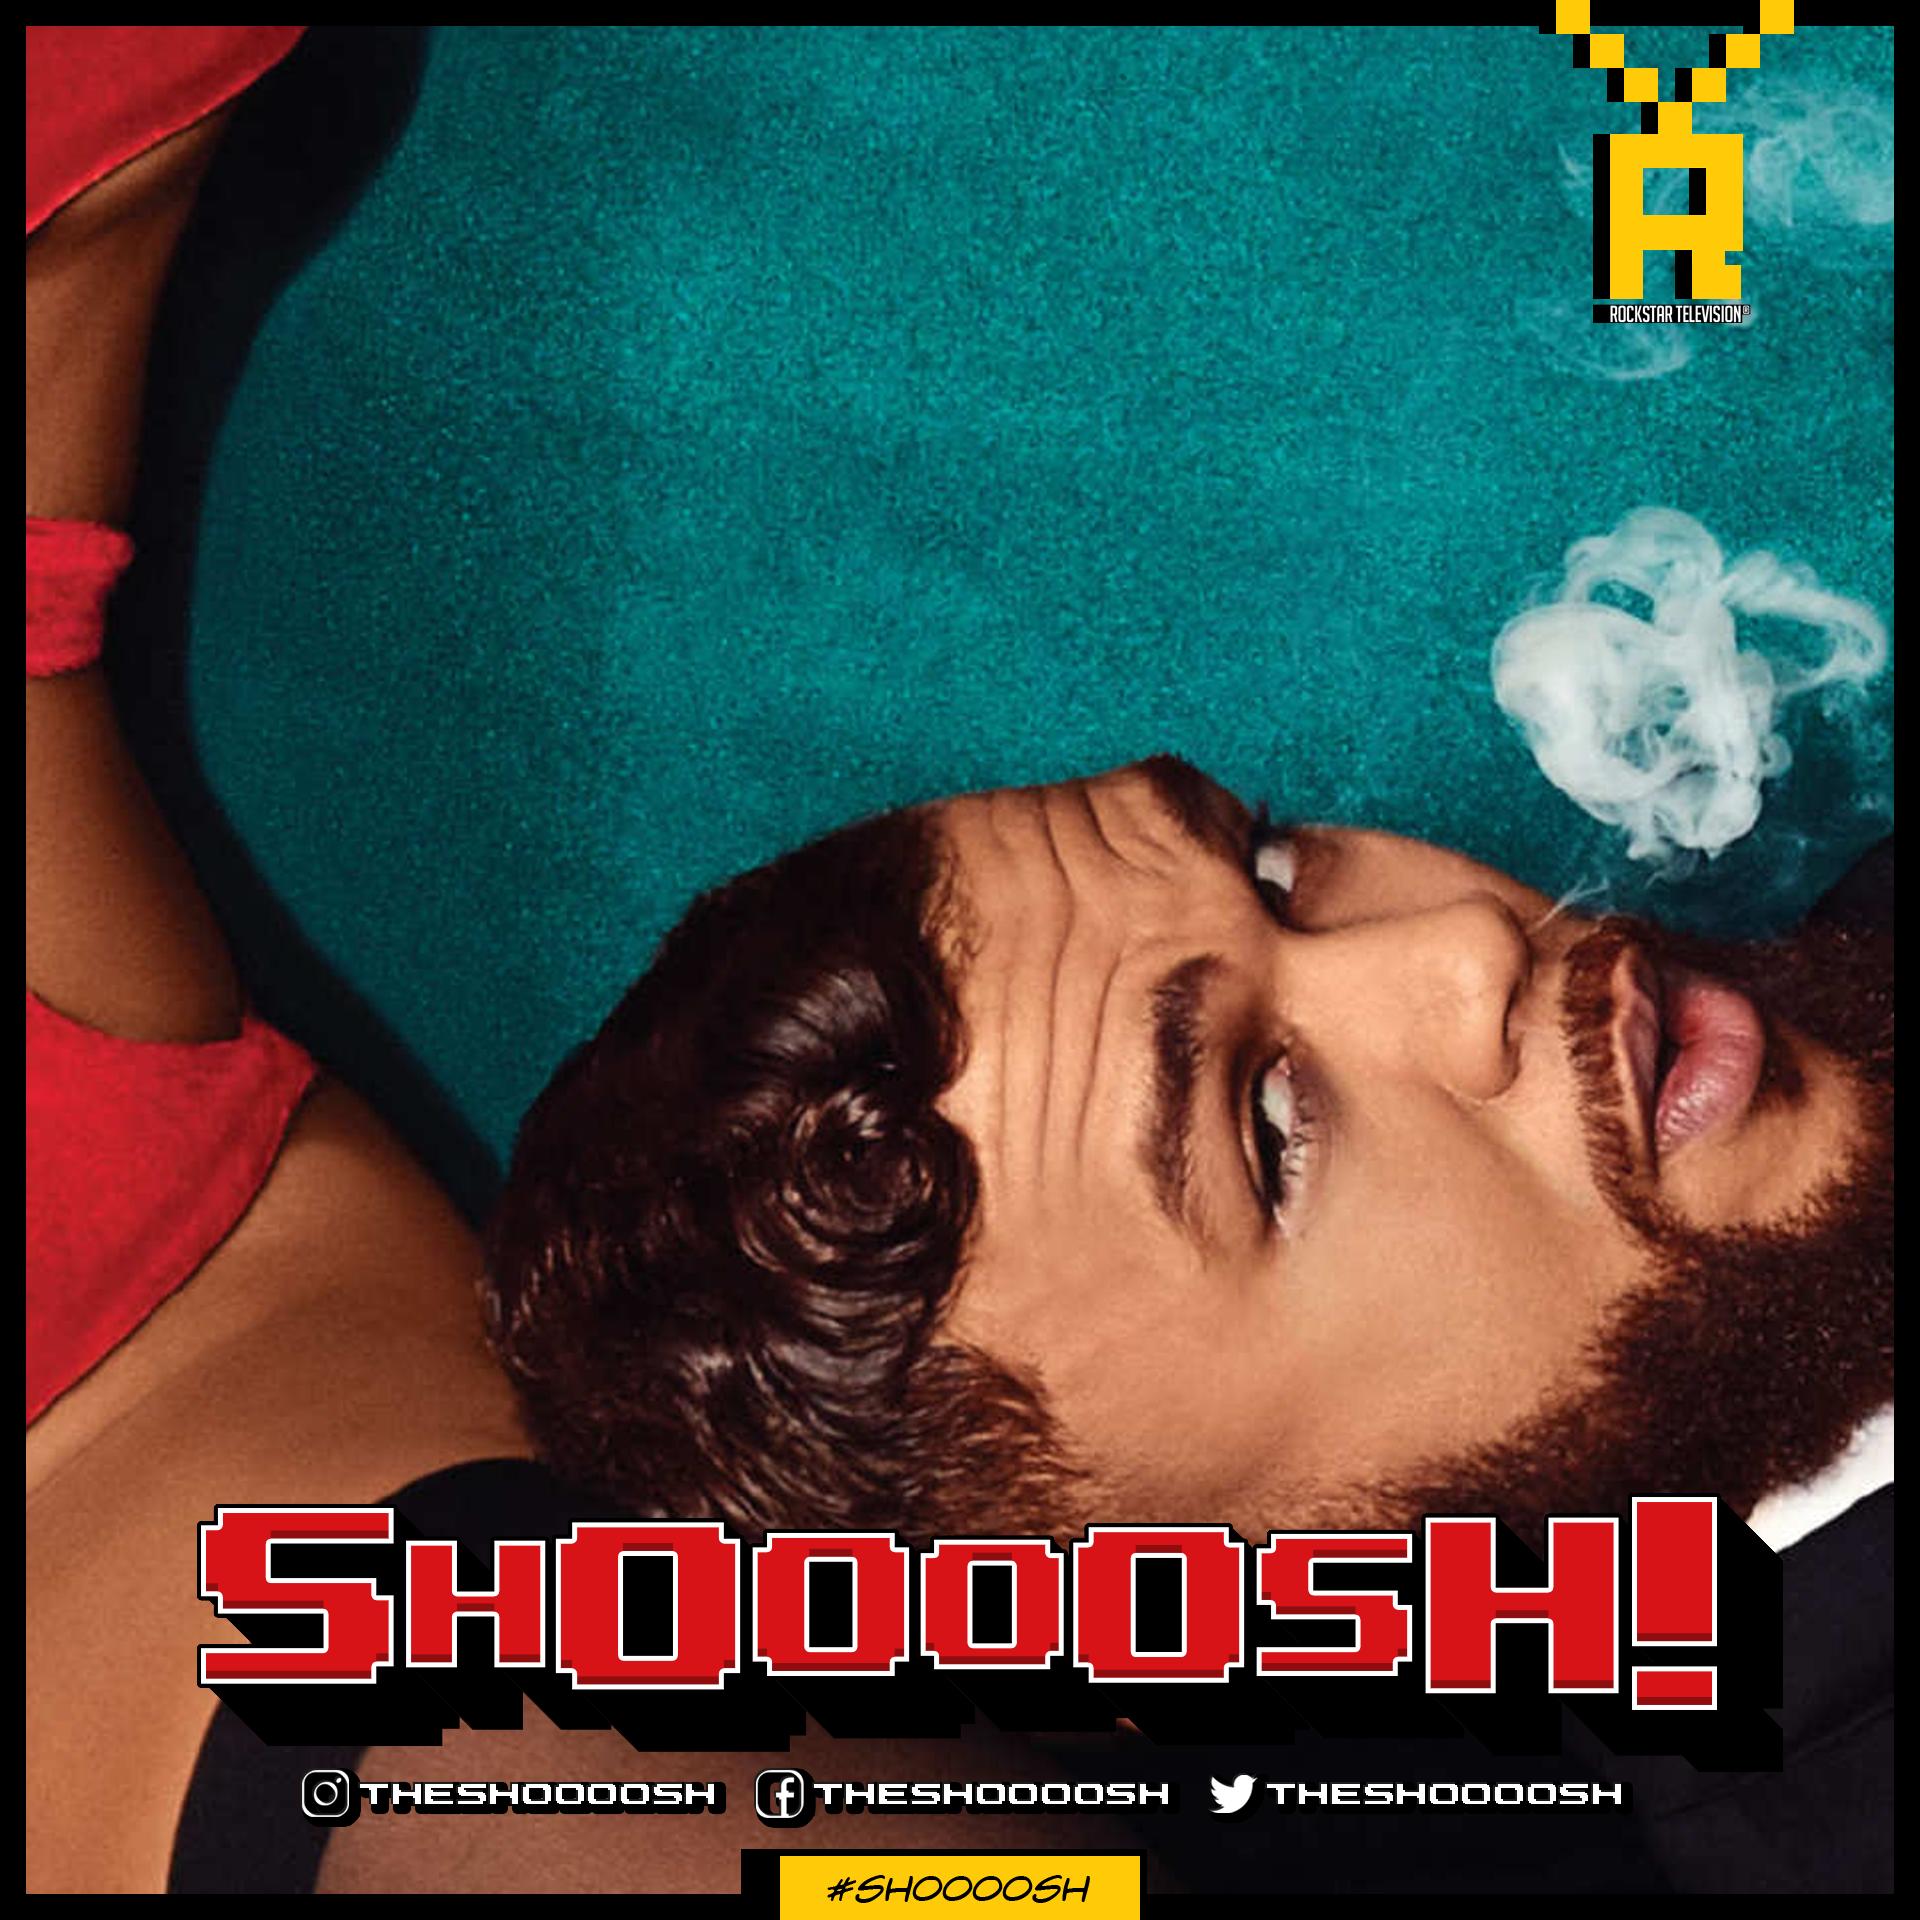 shoooosh-jidenna00001